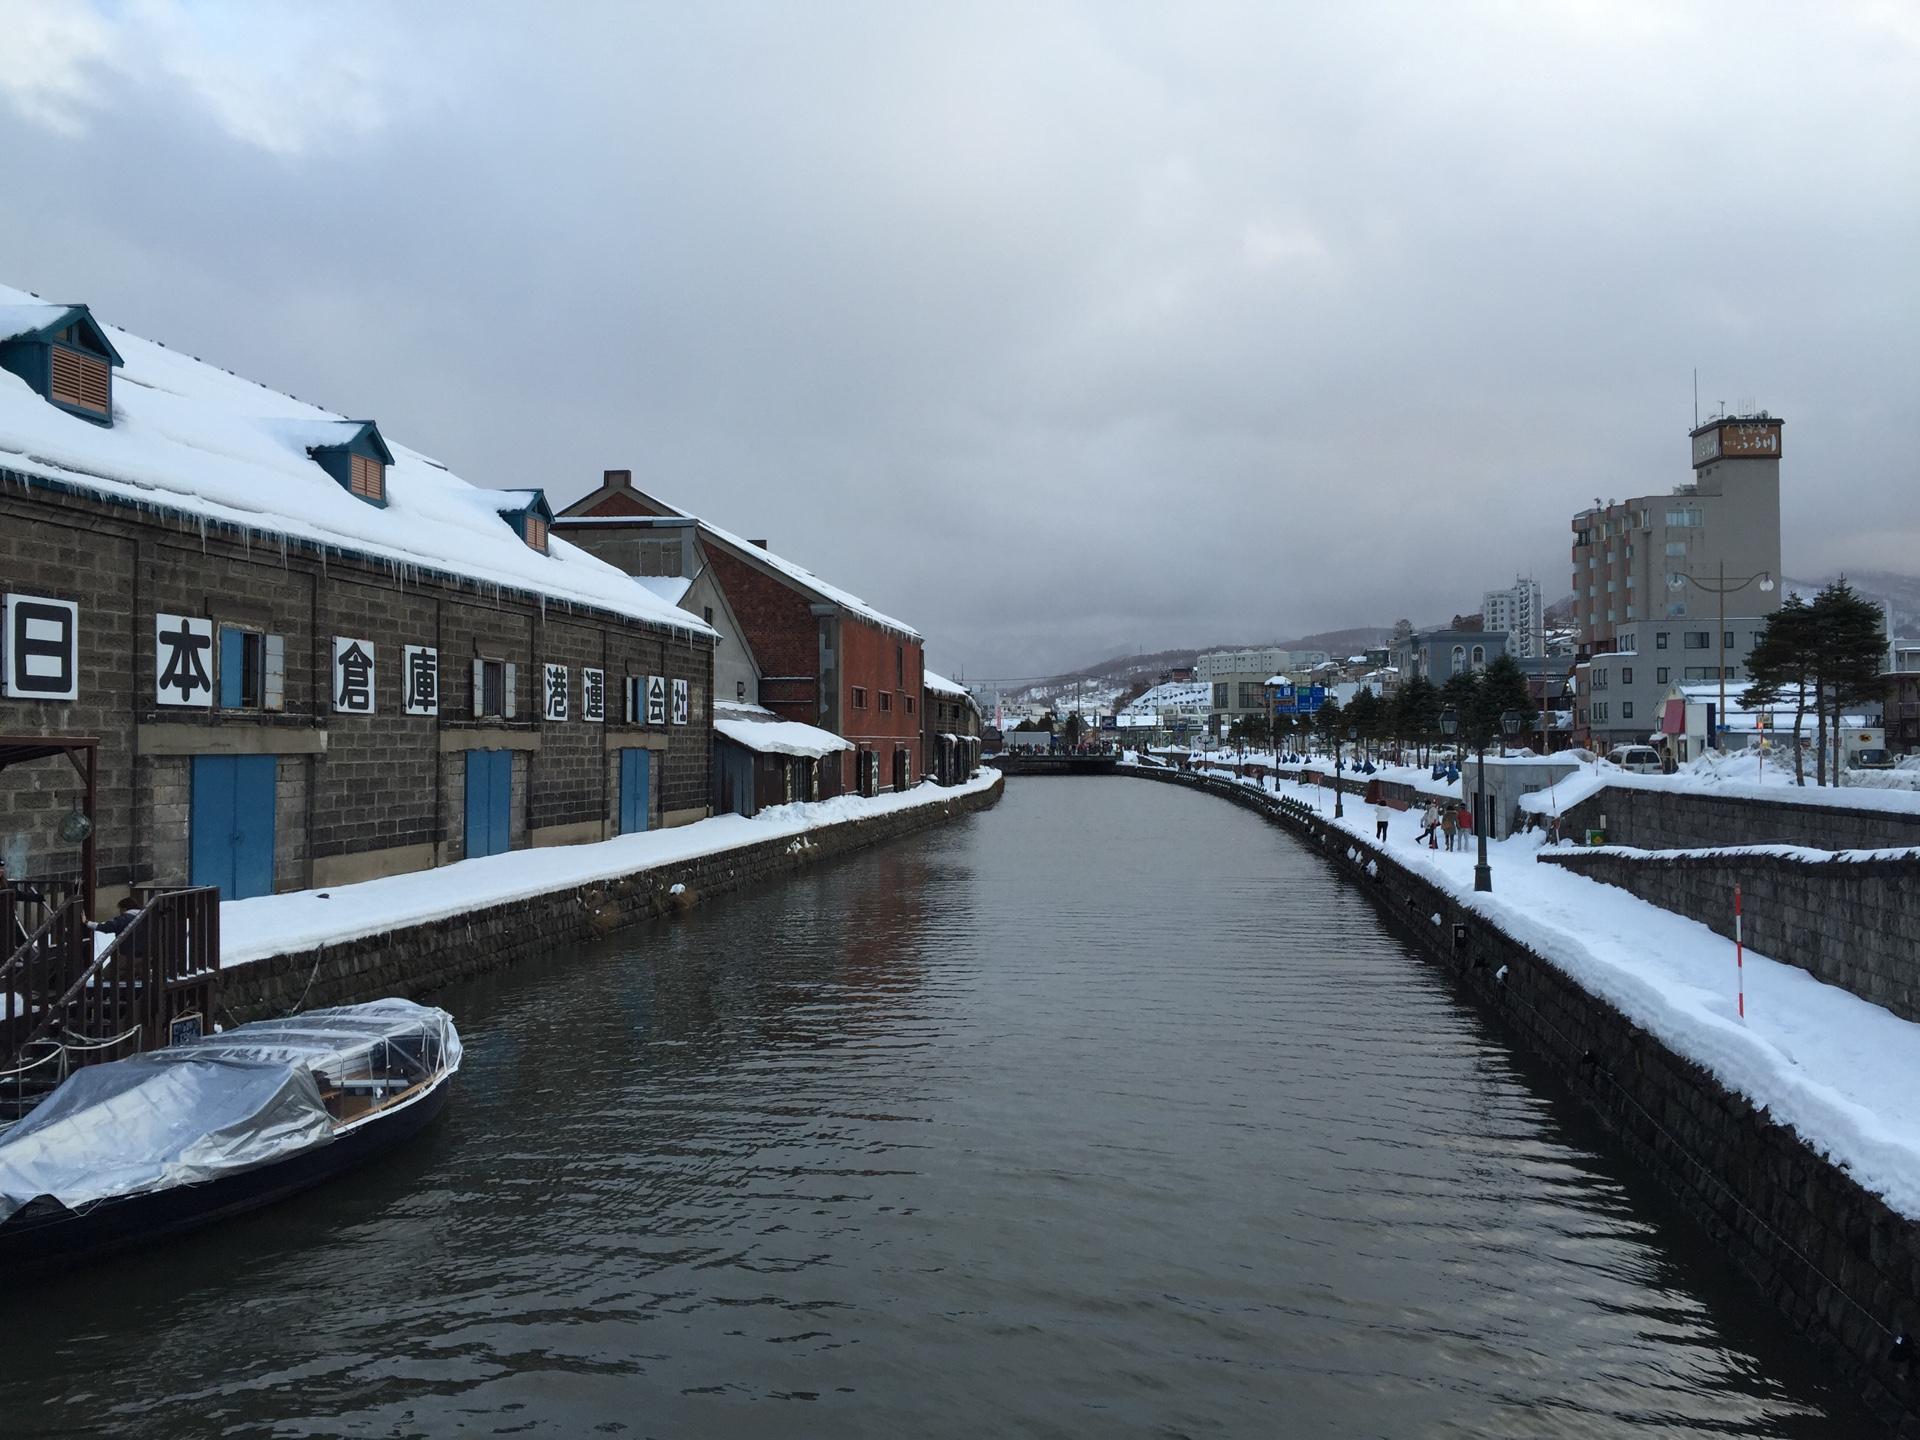 北海道自由行必看! 這5個北海道景點一定要排進行程裡! - Klook Travel Blog